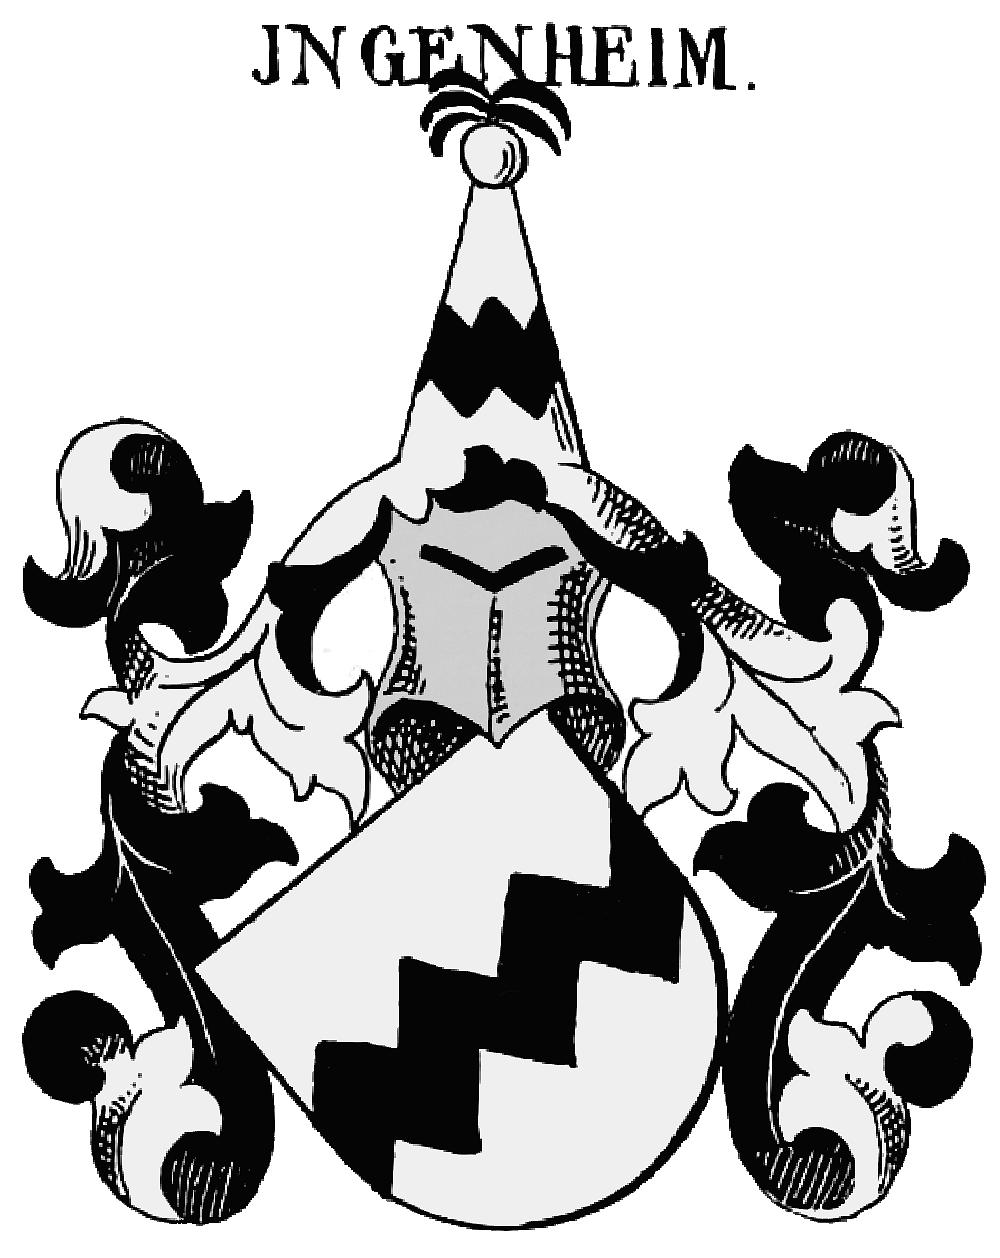 Ingenheim (Adelsgeschlecht) - Hofdame Mittelalter PNG